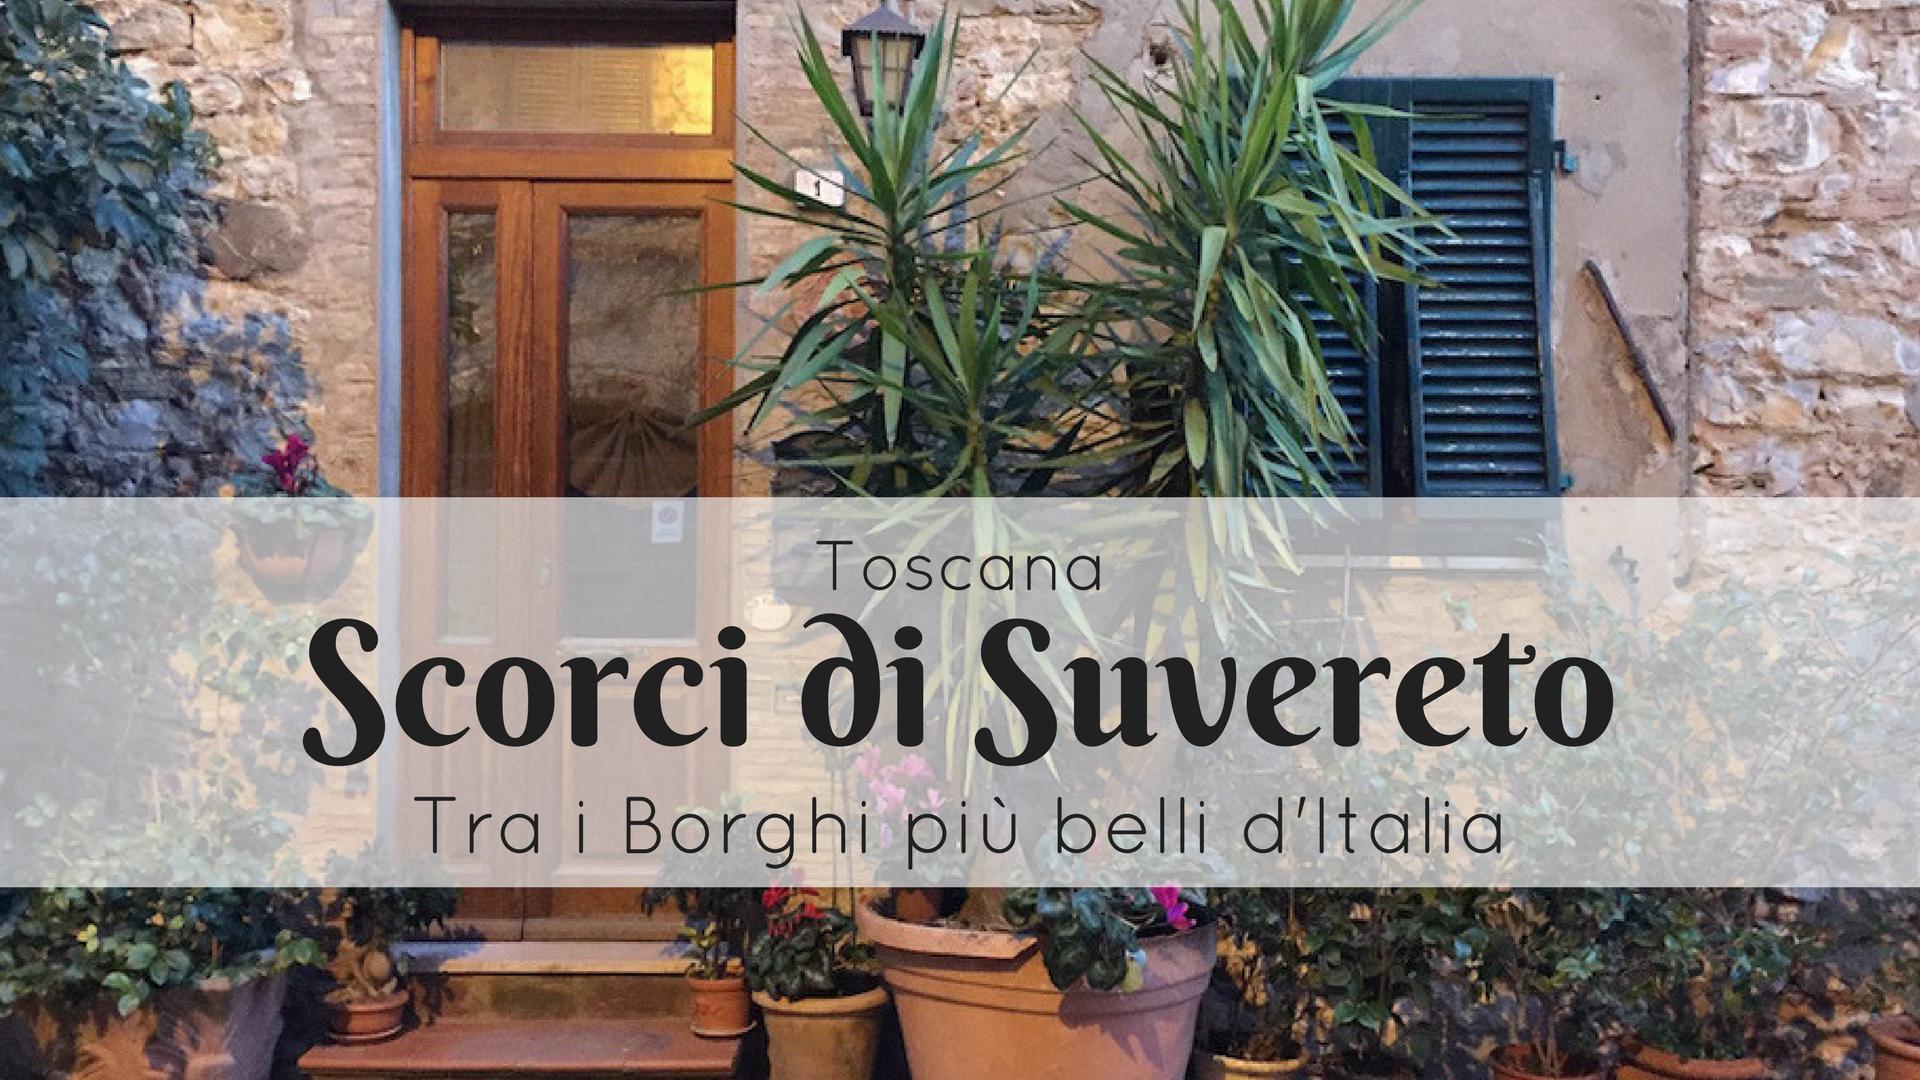 Suvereto Toscana